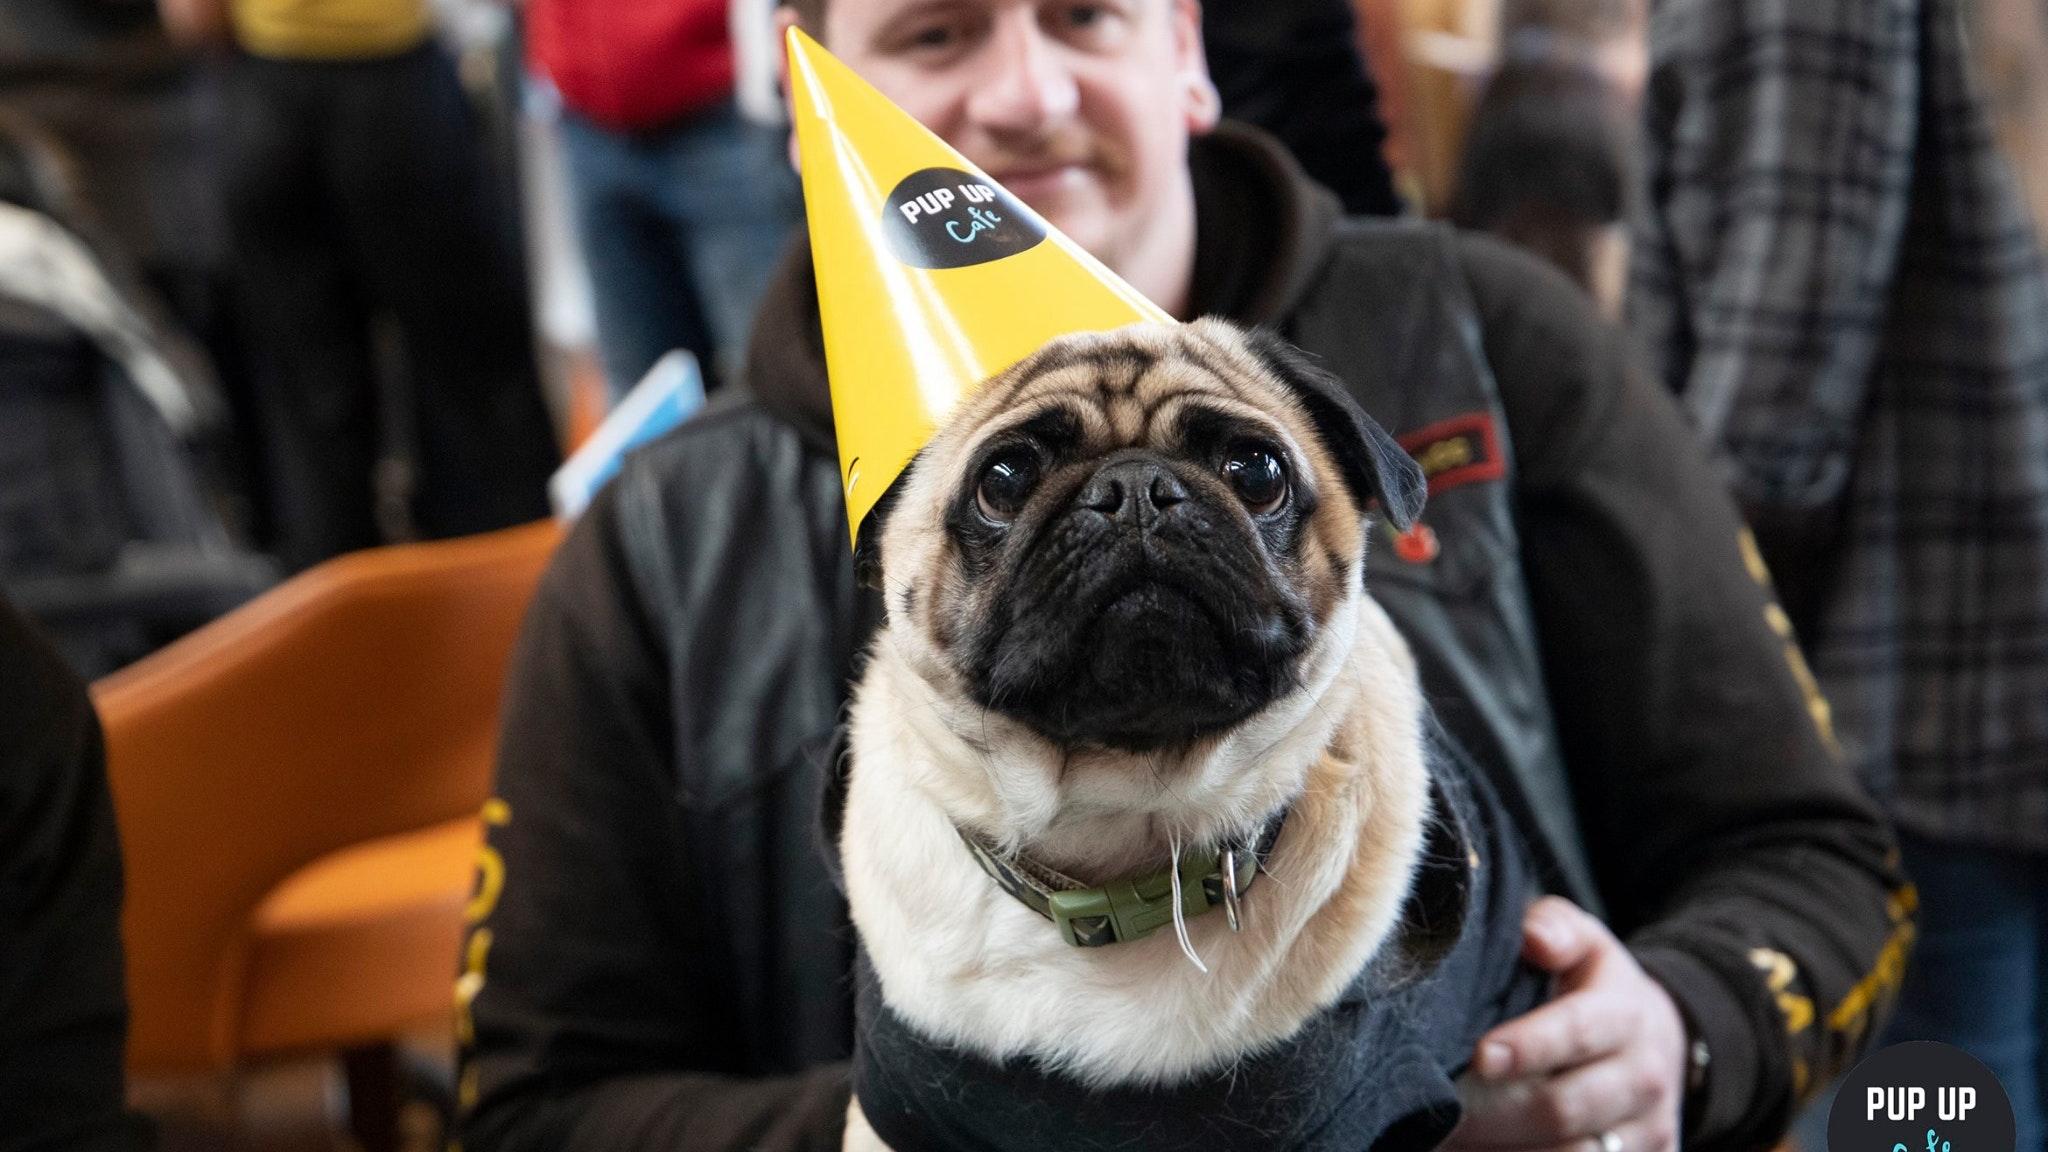 Pug Pop Up Cafe – Southampton